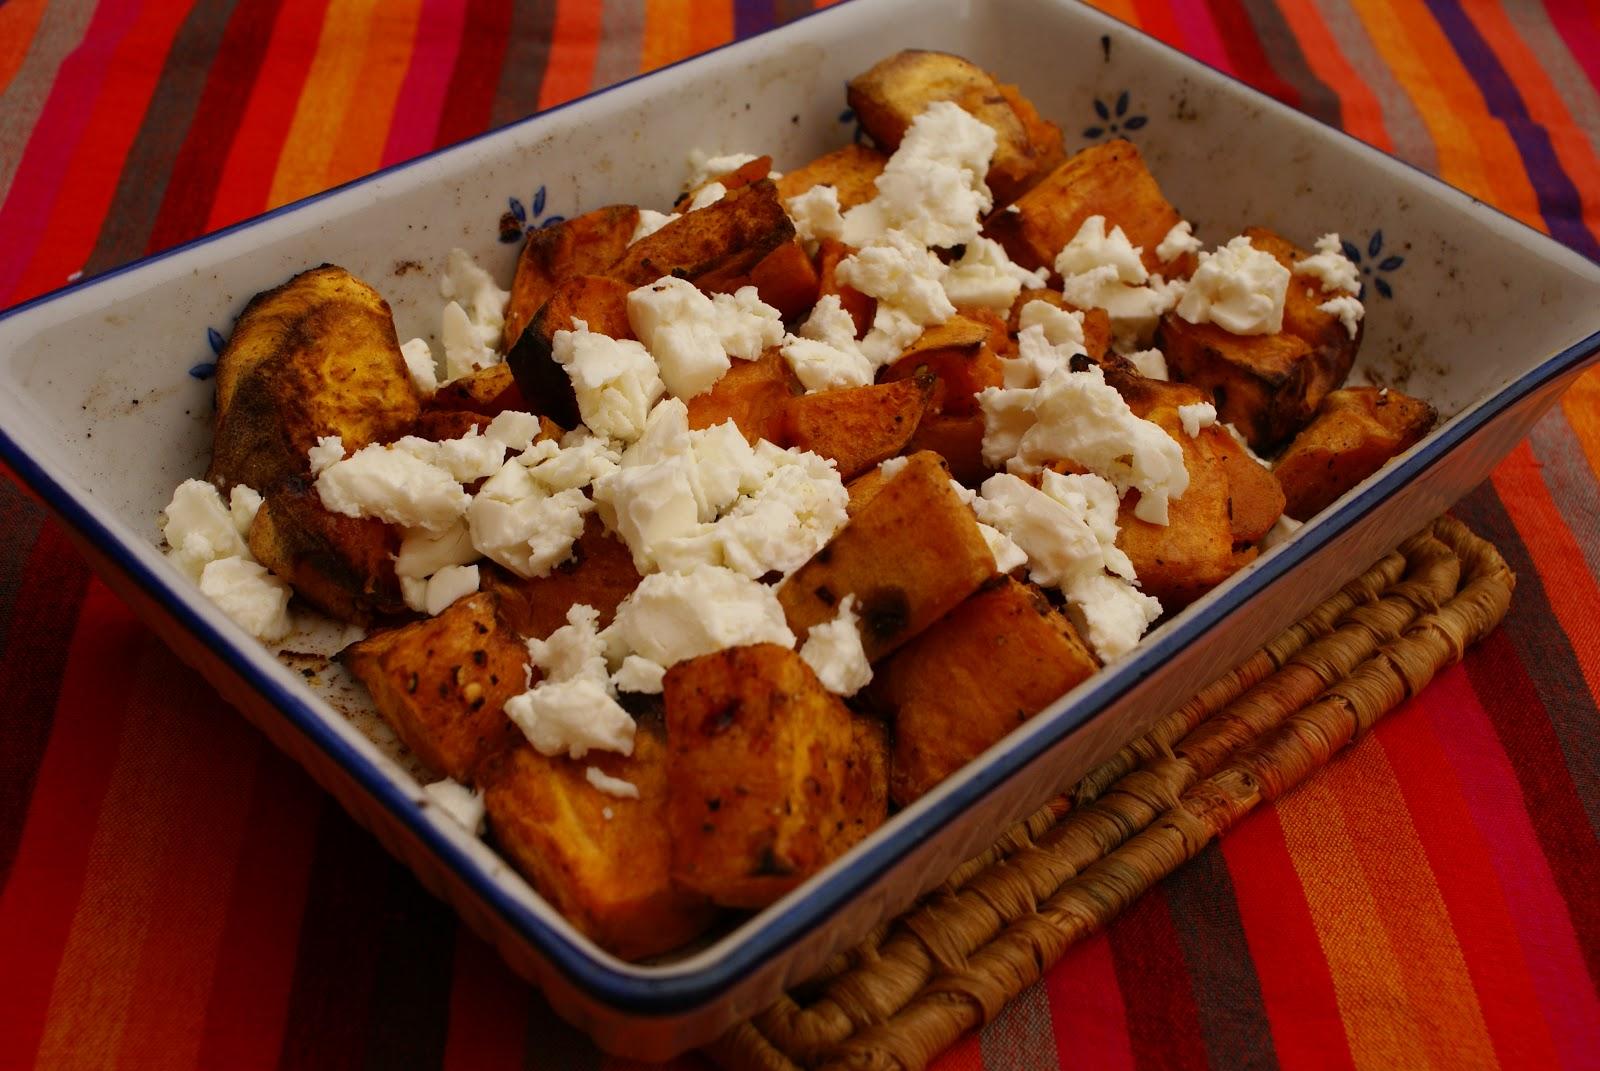 Leichte Sommerküche Jamie Oliver : Kochen ist kein hexenwerk: geröstete süßkartoffeln mit feta